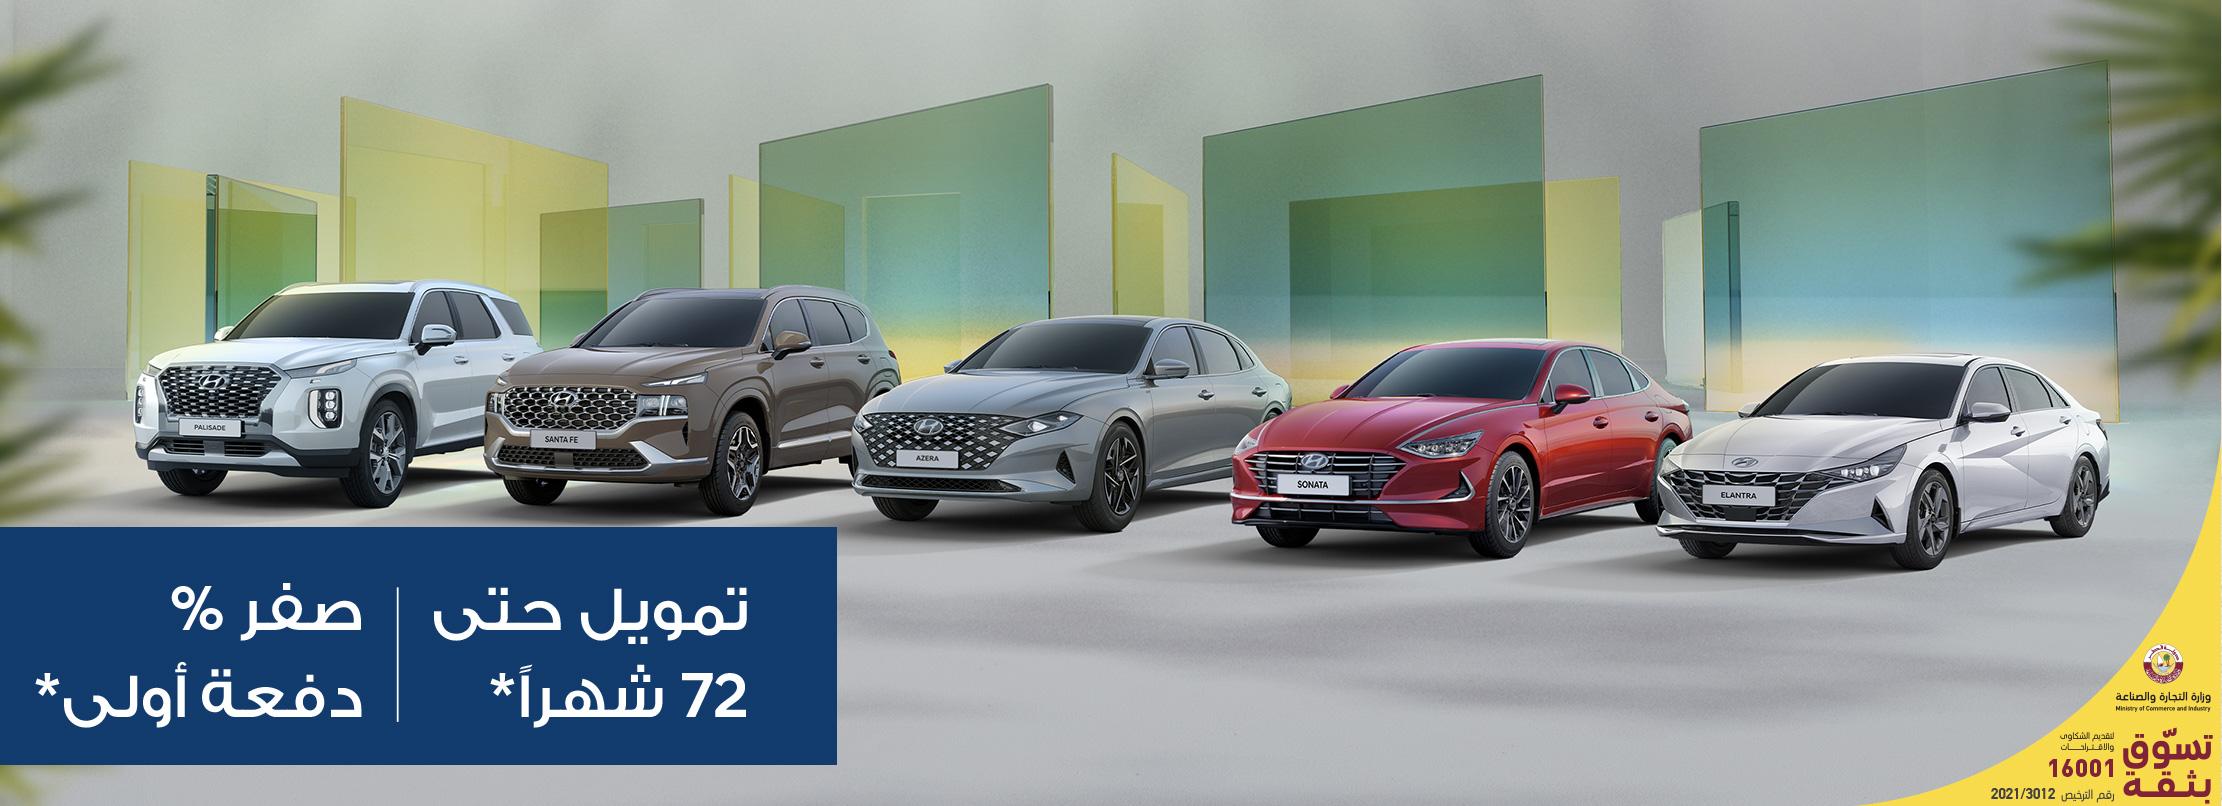 Hyundai SUMMER Campaign Banner AR